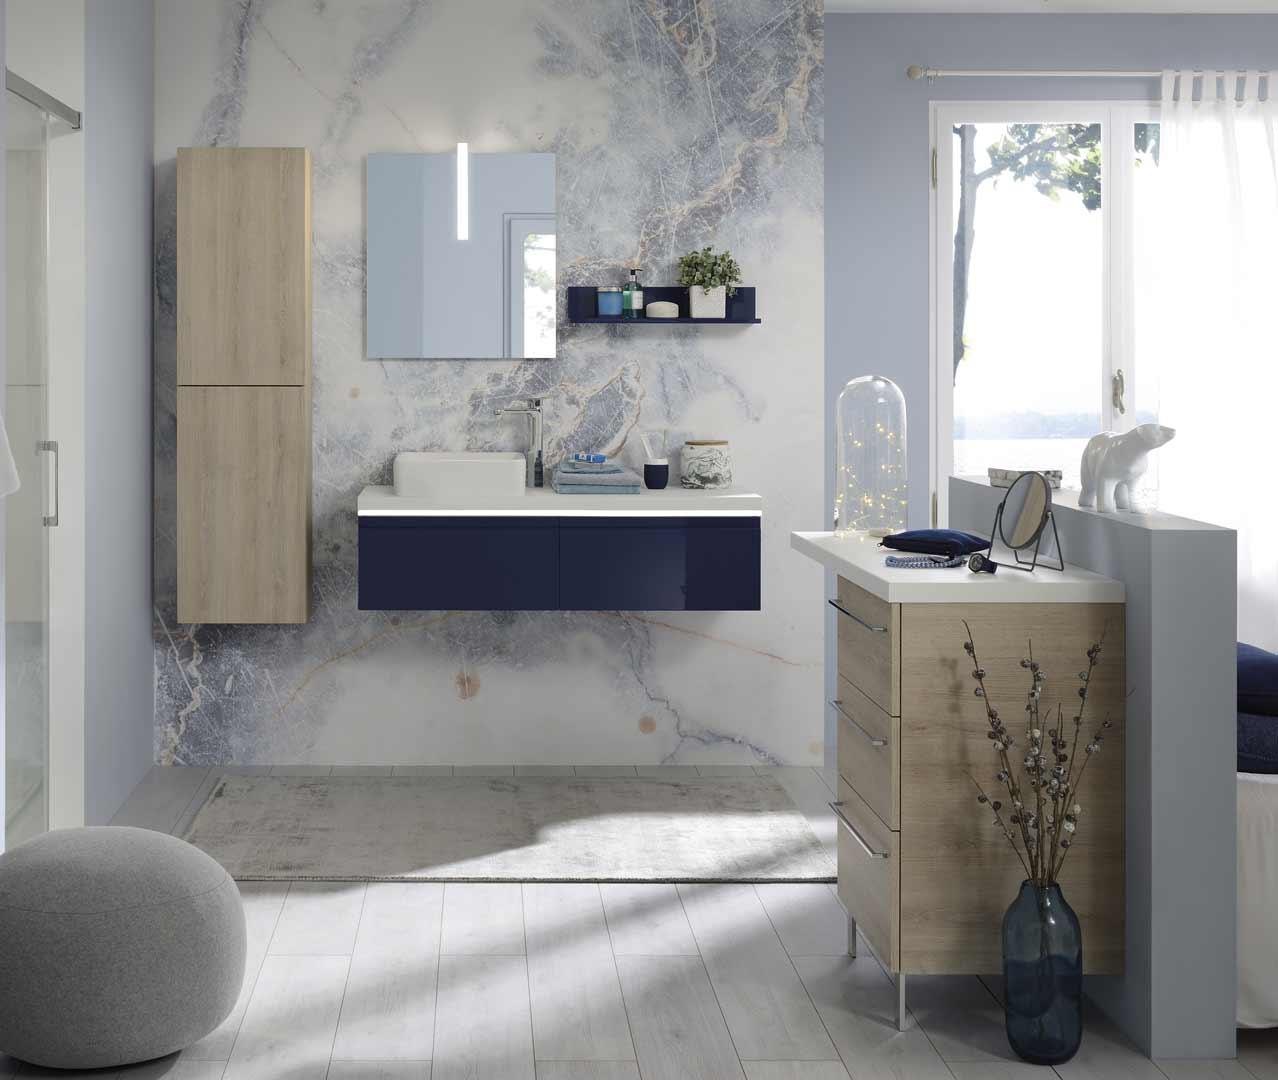 sanijura meuble de salle de bain